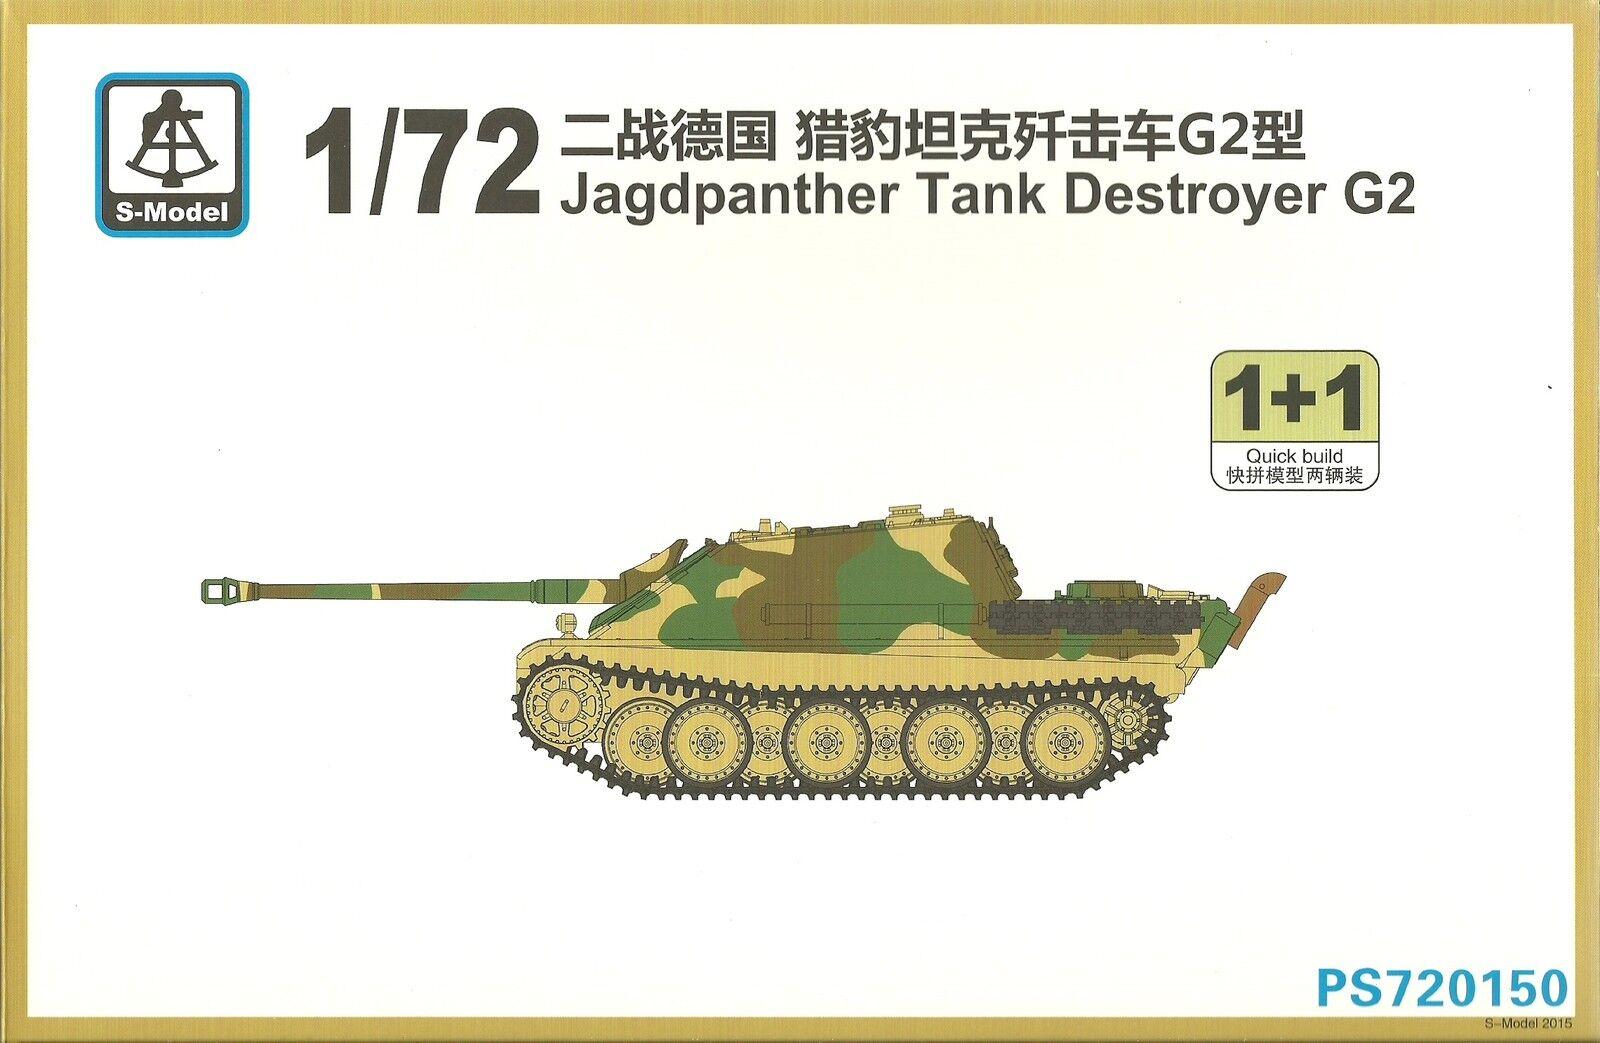 S-model 1   72 jagdpanther jagdpanther jagdpanther carro armato distruttore dad370